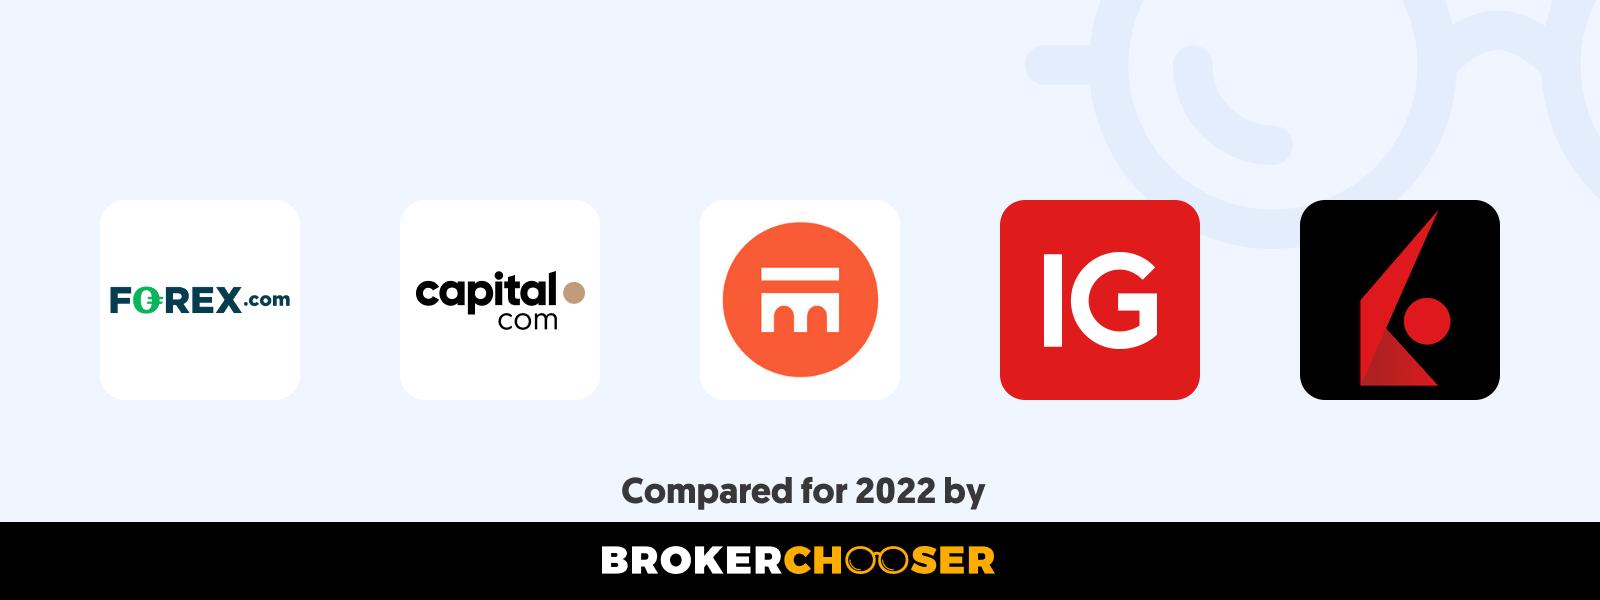 Best forex brokers for beginners in Uruguay in 2021